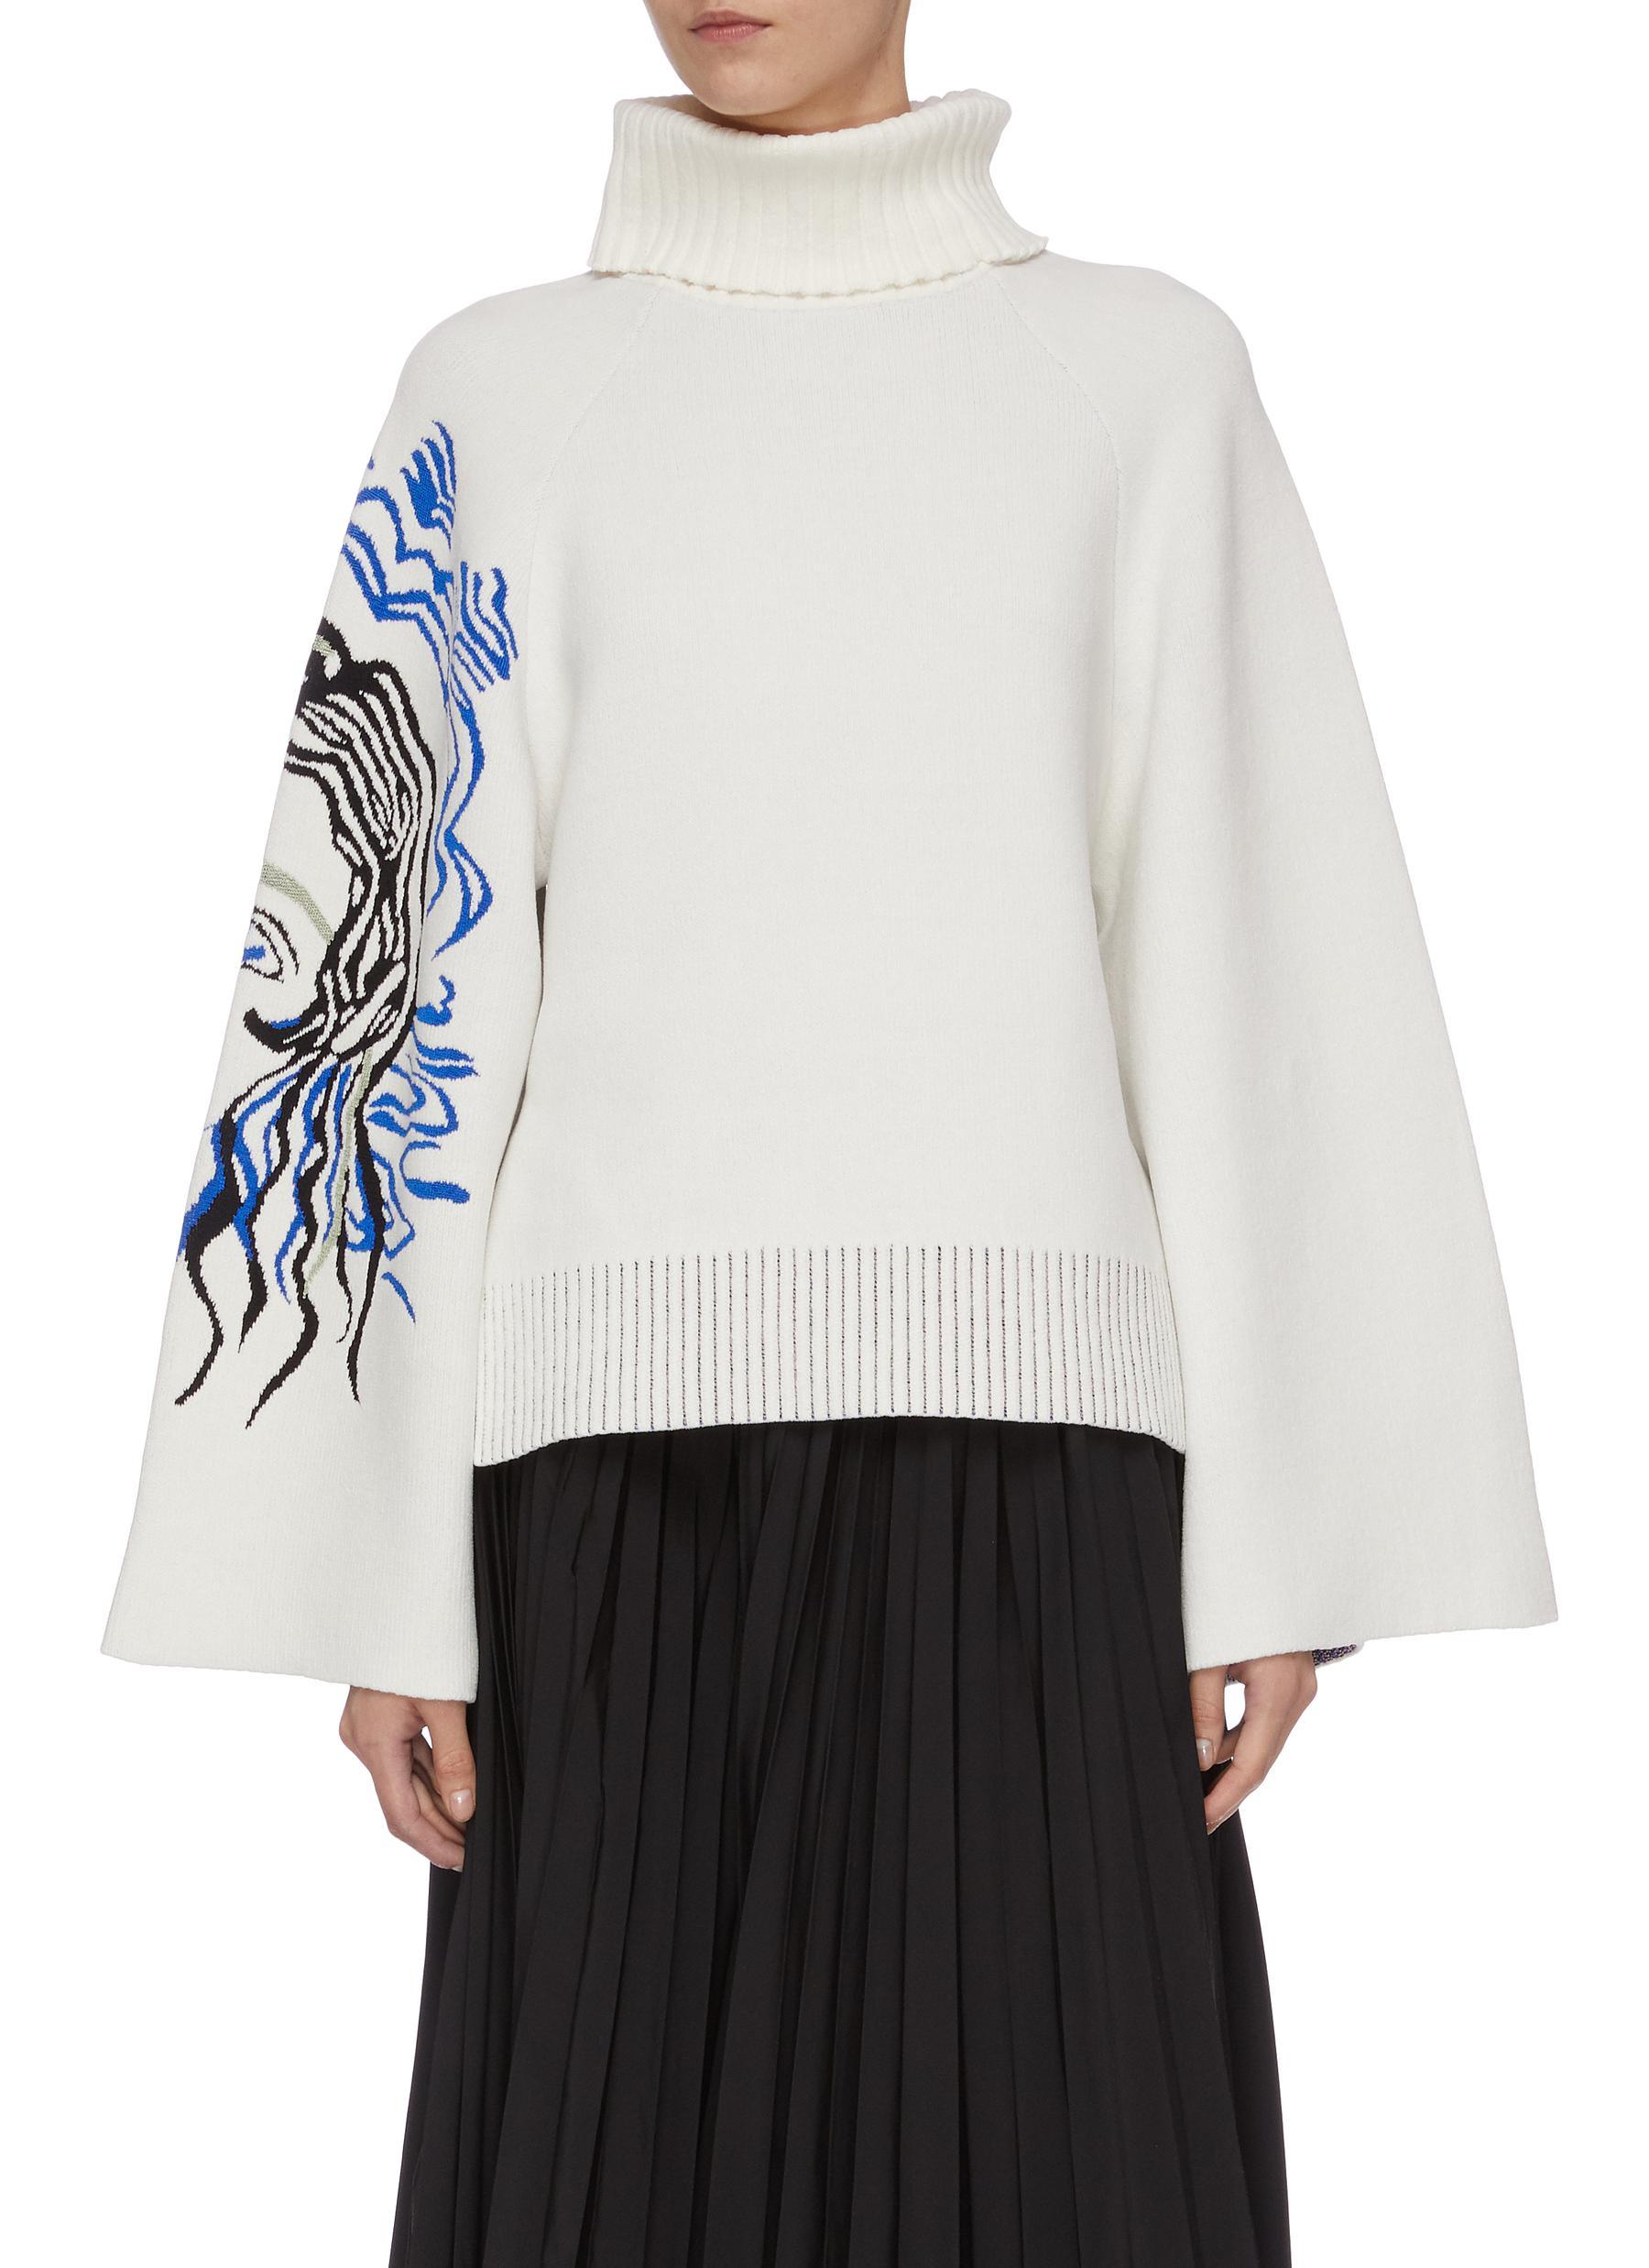 Portrait jacquard mock neck sweater by 3.1 Phillip Lim